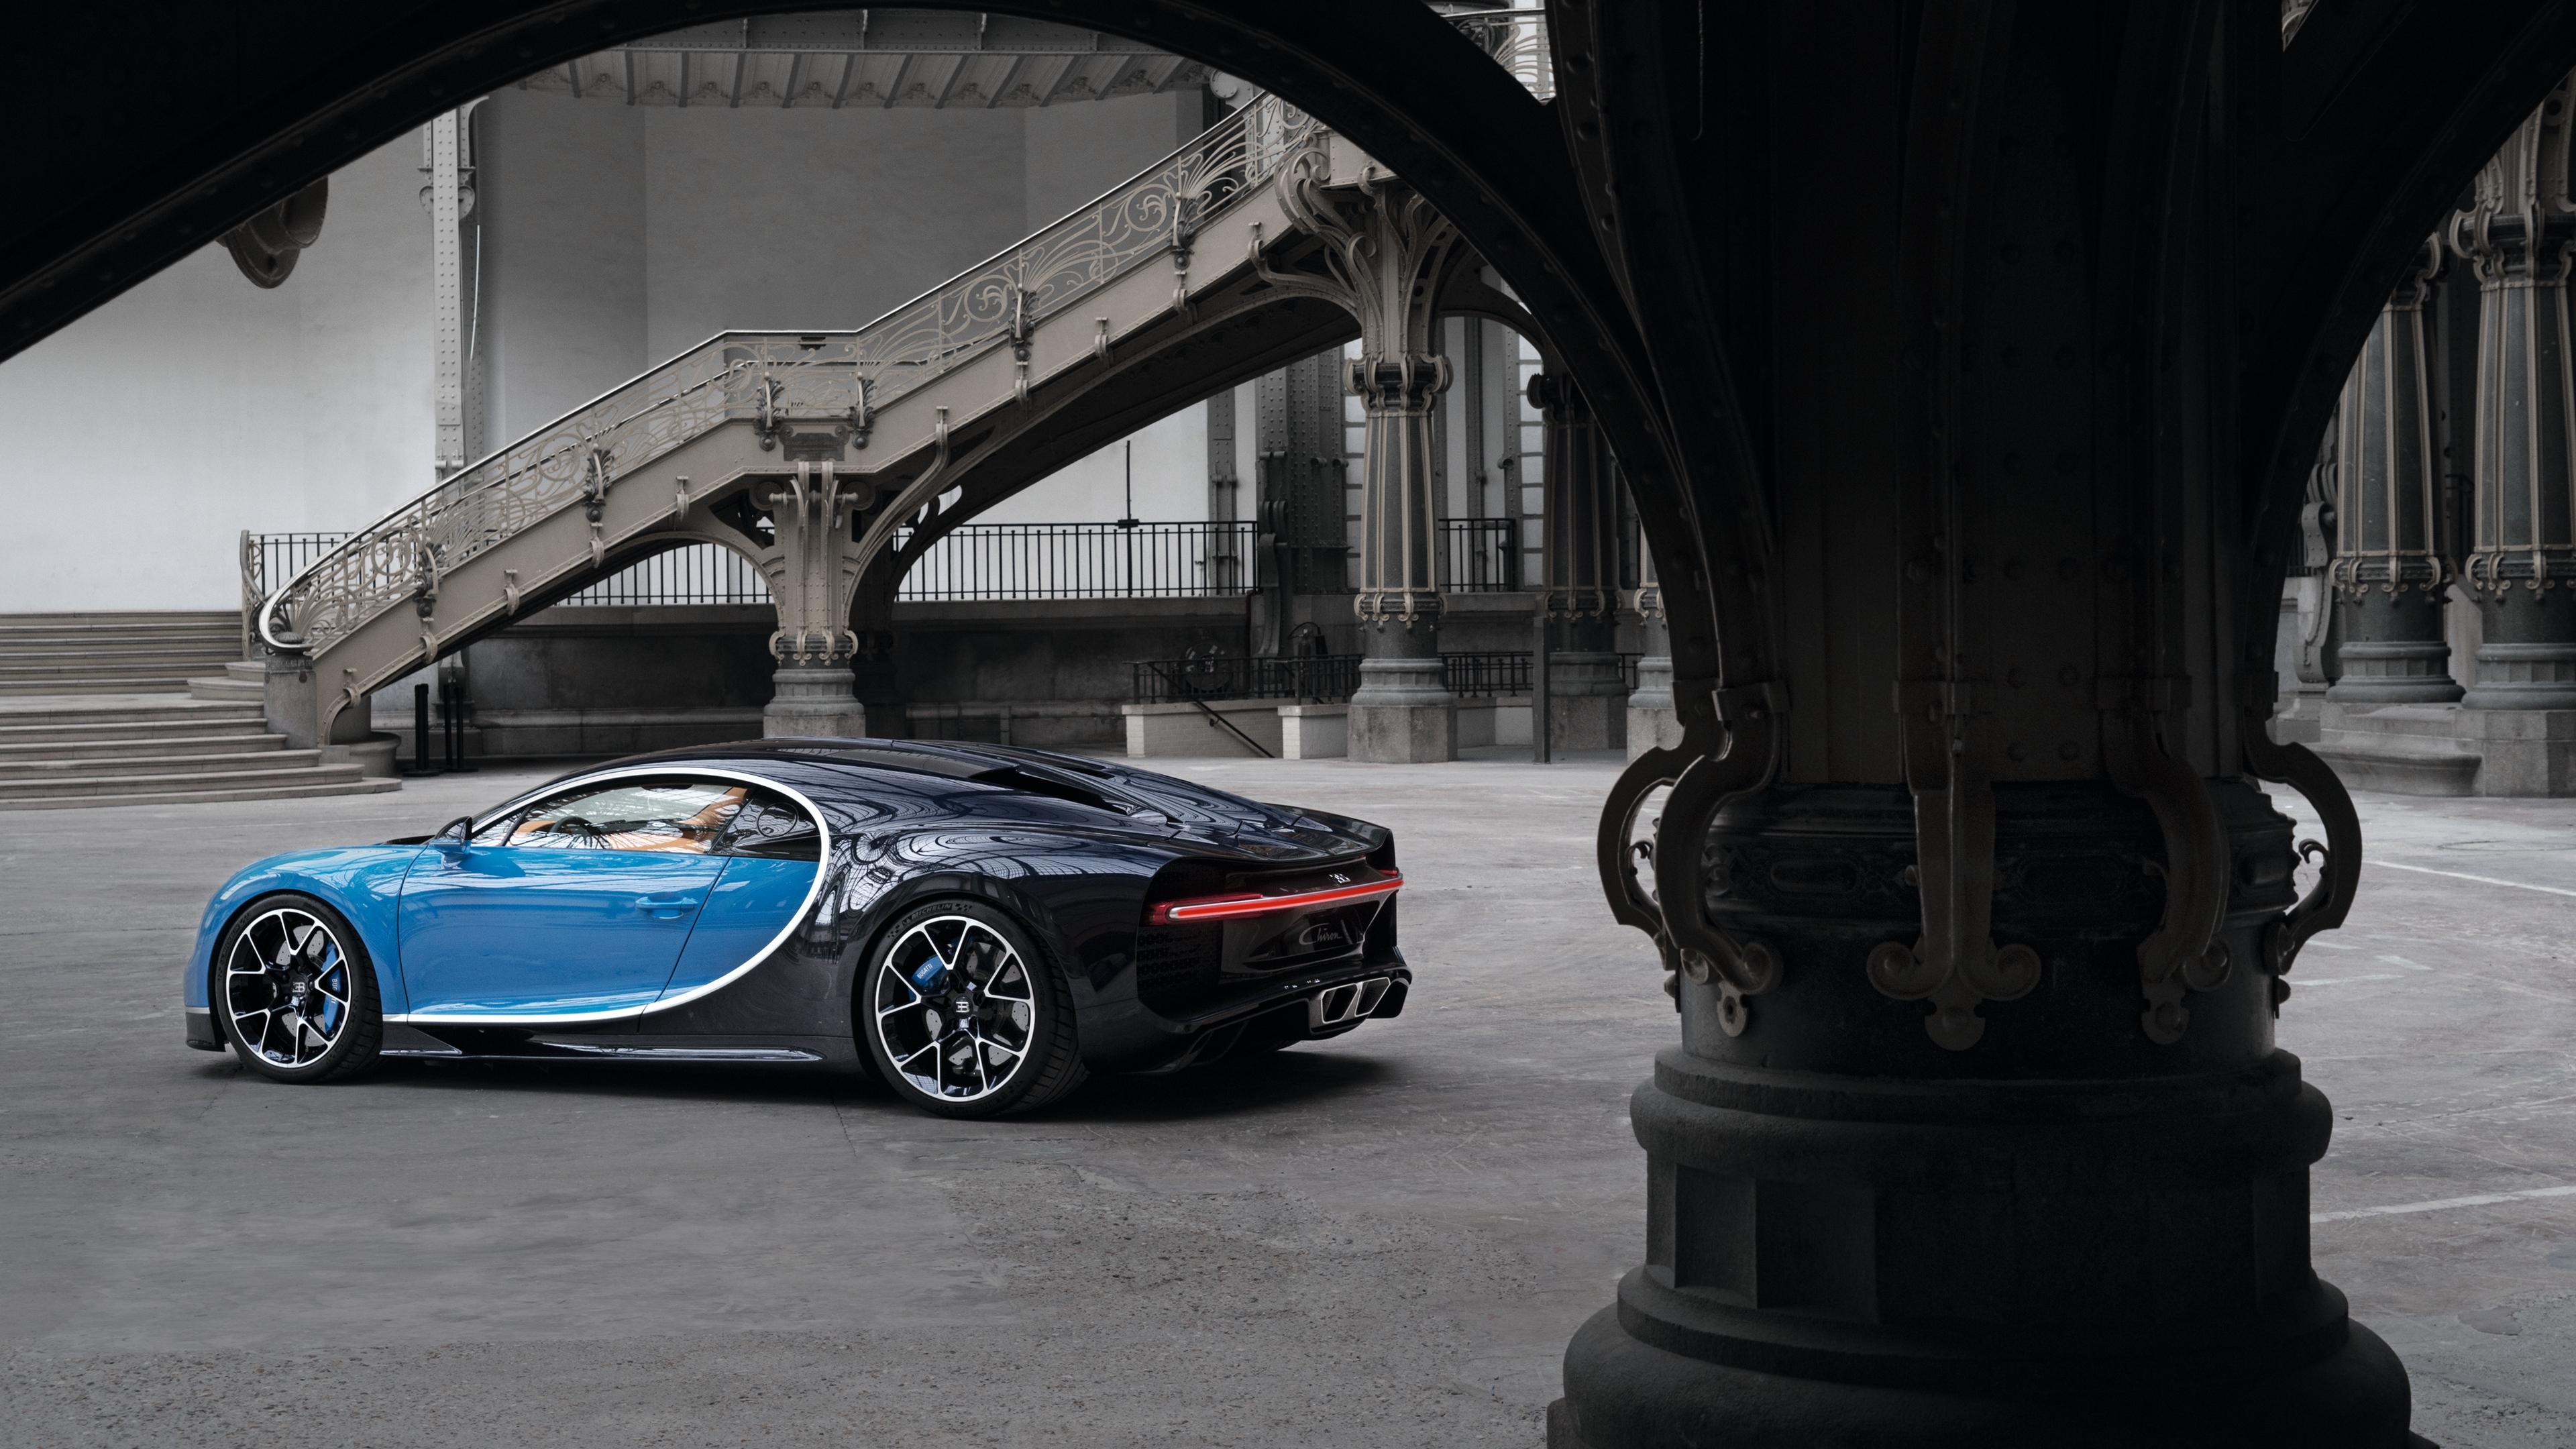 bugatti chiron side view 4k 1538935385 - bugatti, chiron, side view 4k - side view, Chiron, Bugatti